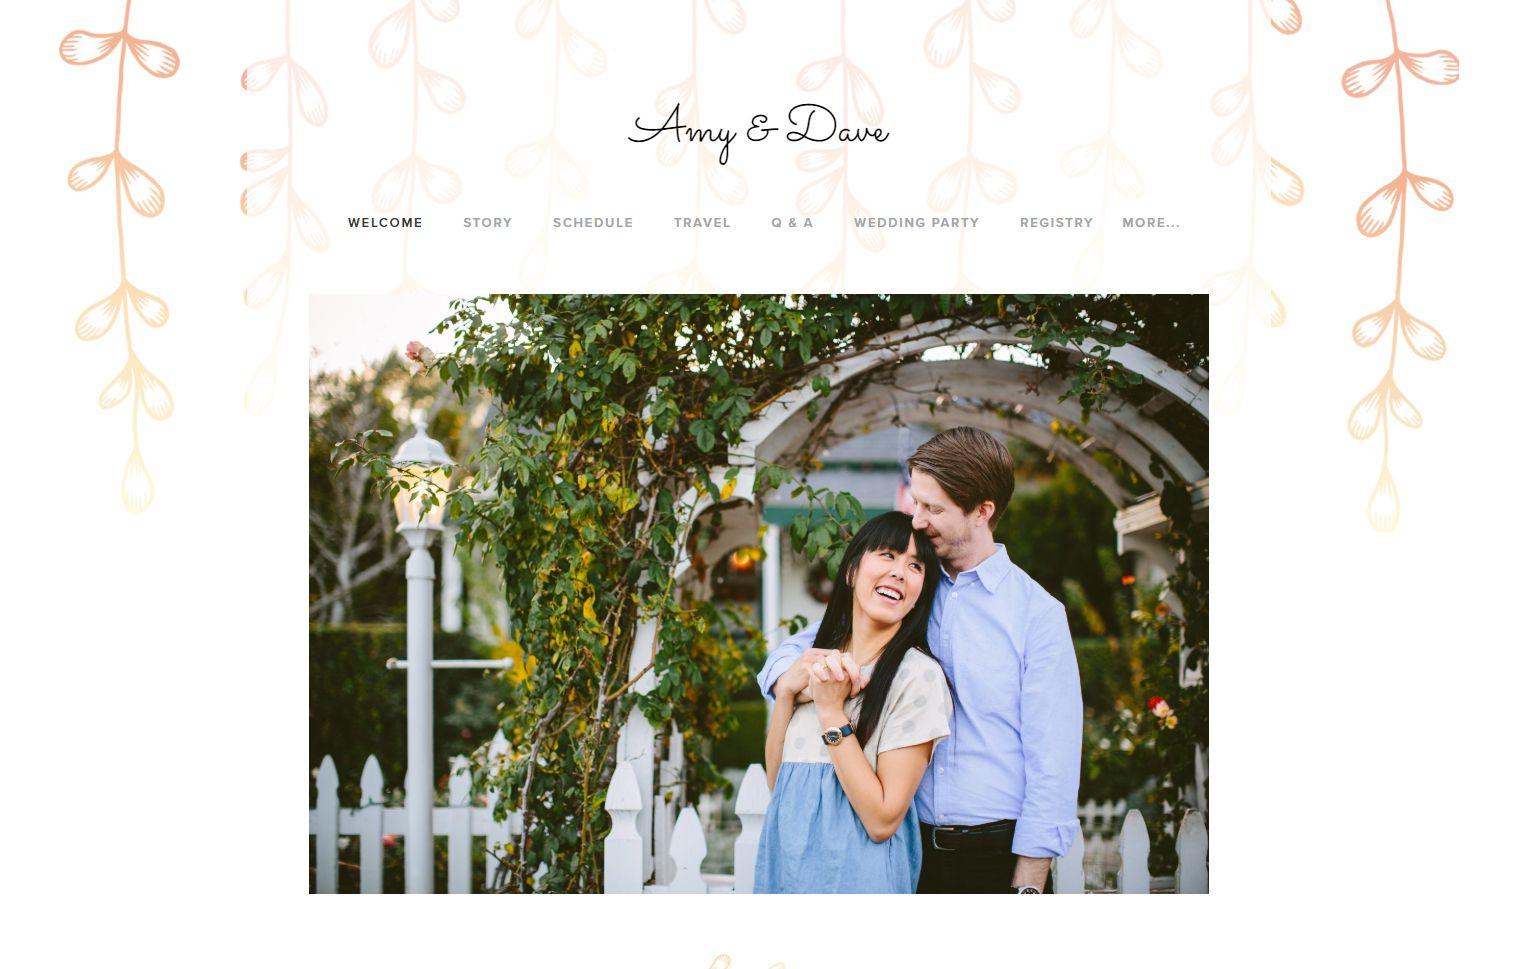 Joy Wedding Website.The Top 5 Free Wedding Planning Website